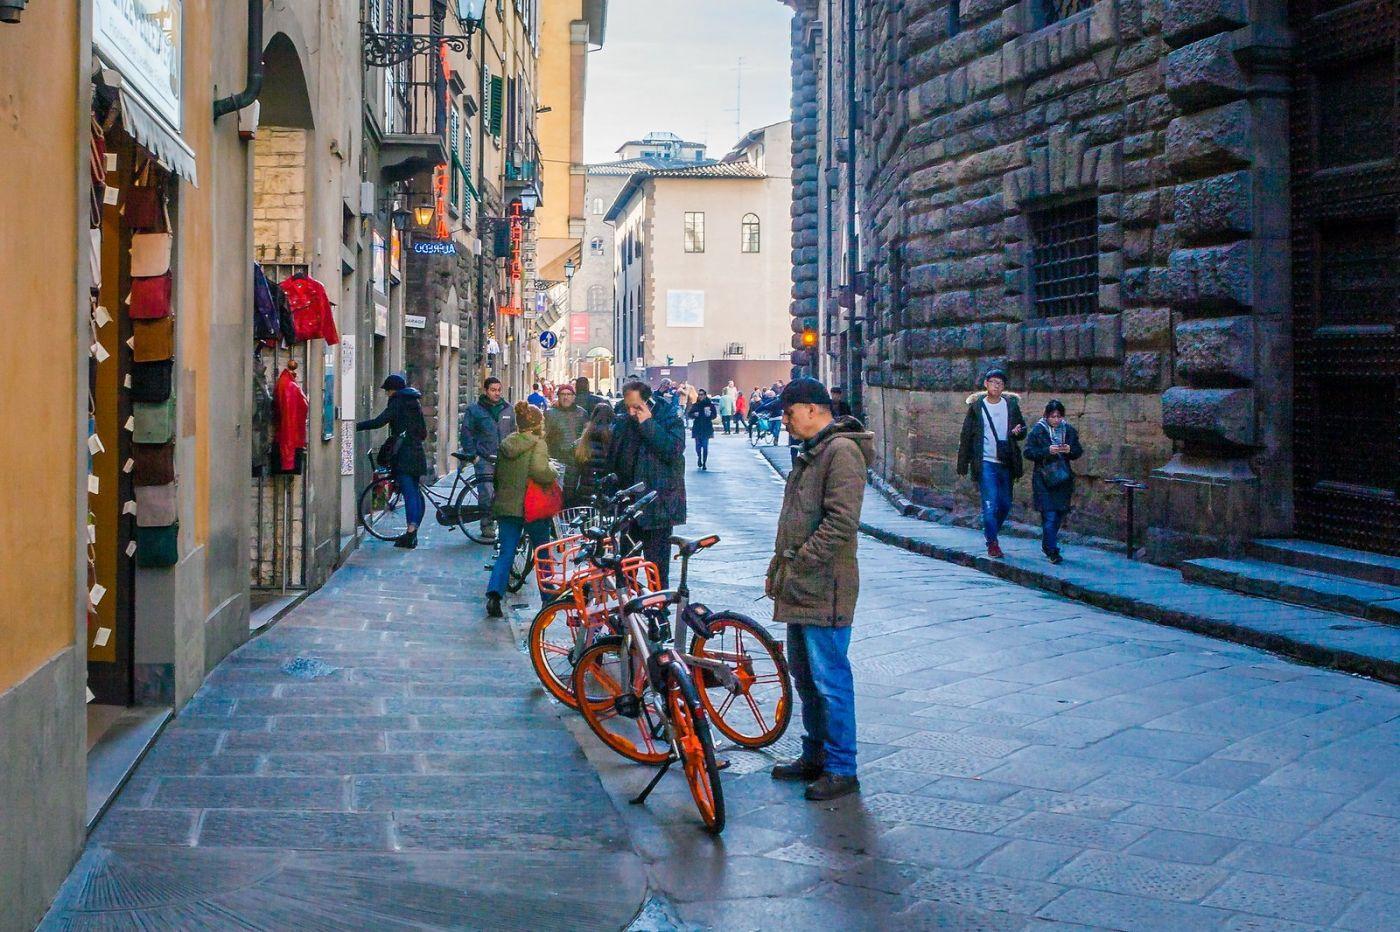 意大利佛罗伦萨(Florence),小街文化_图1-18